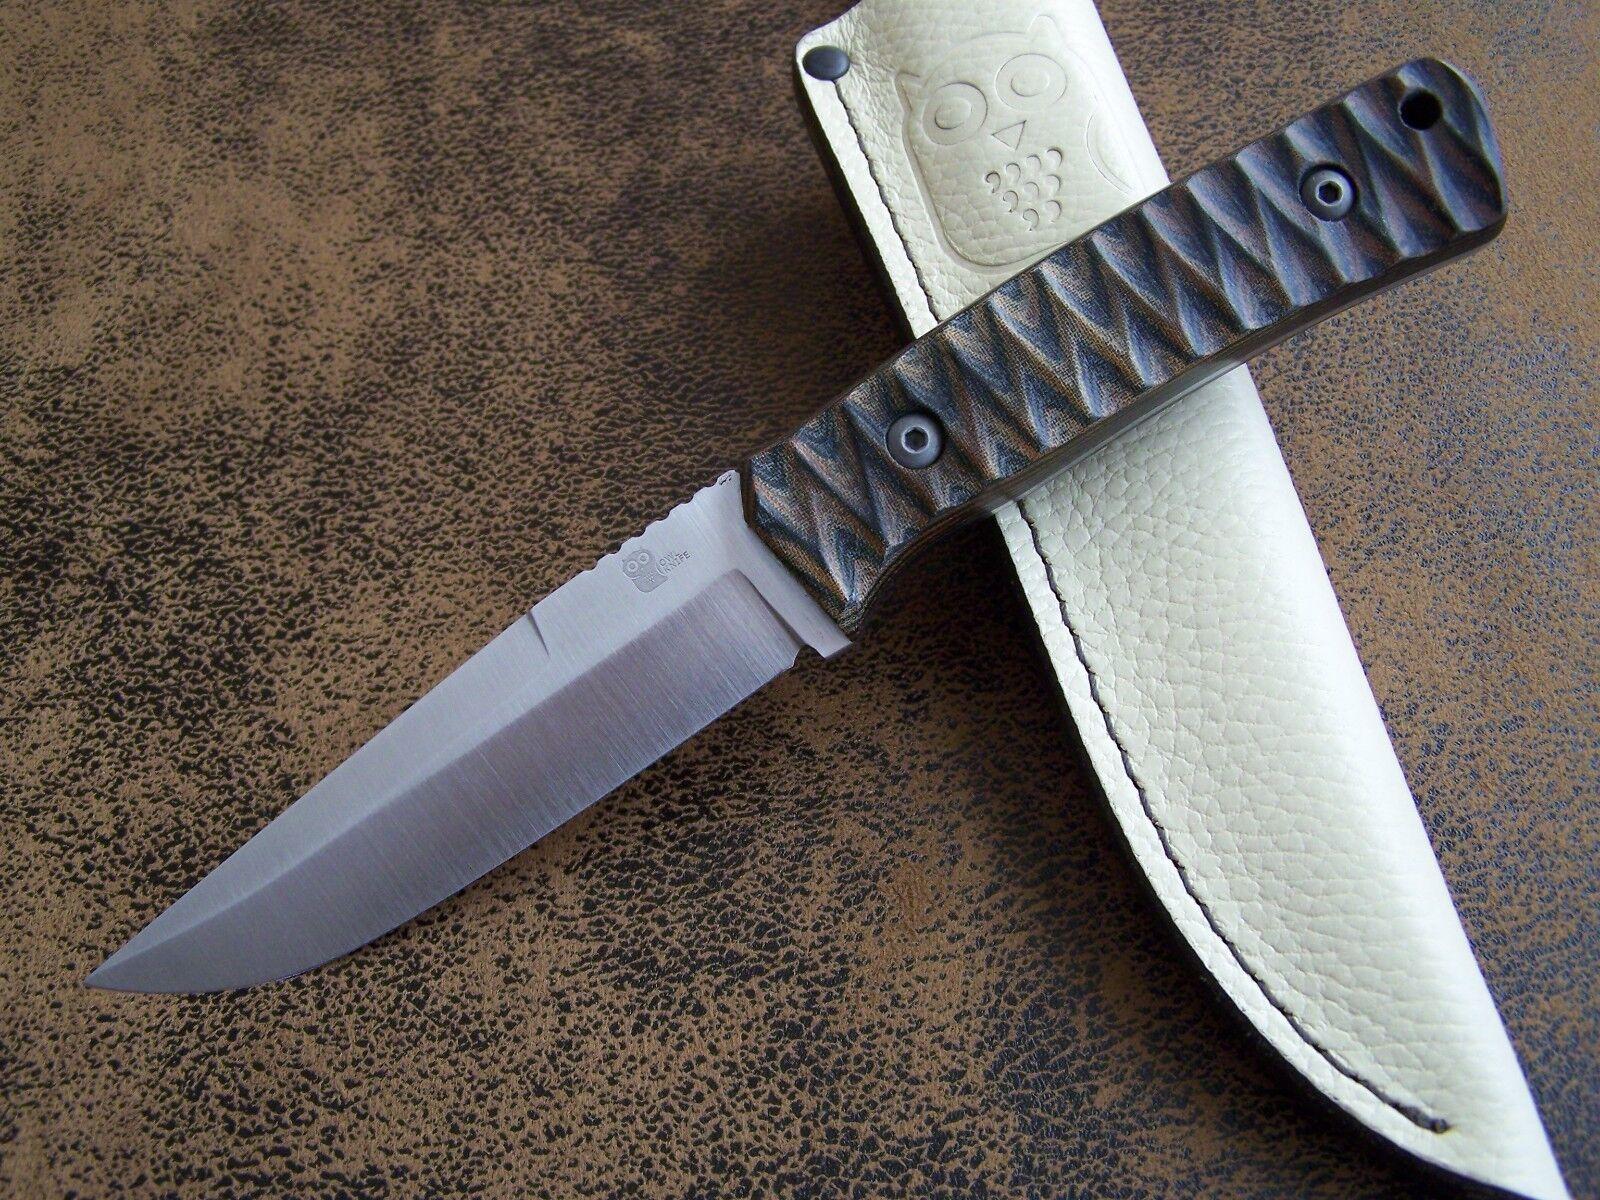 OWL KNIVES Exklusives Outdoor / Jagdmesser Mod. ATHENE N690 Böhler Stahl 61-HRC